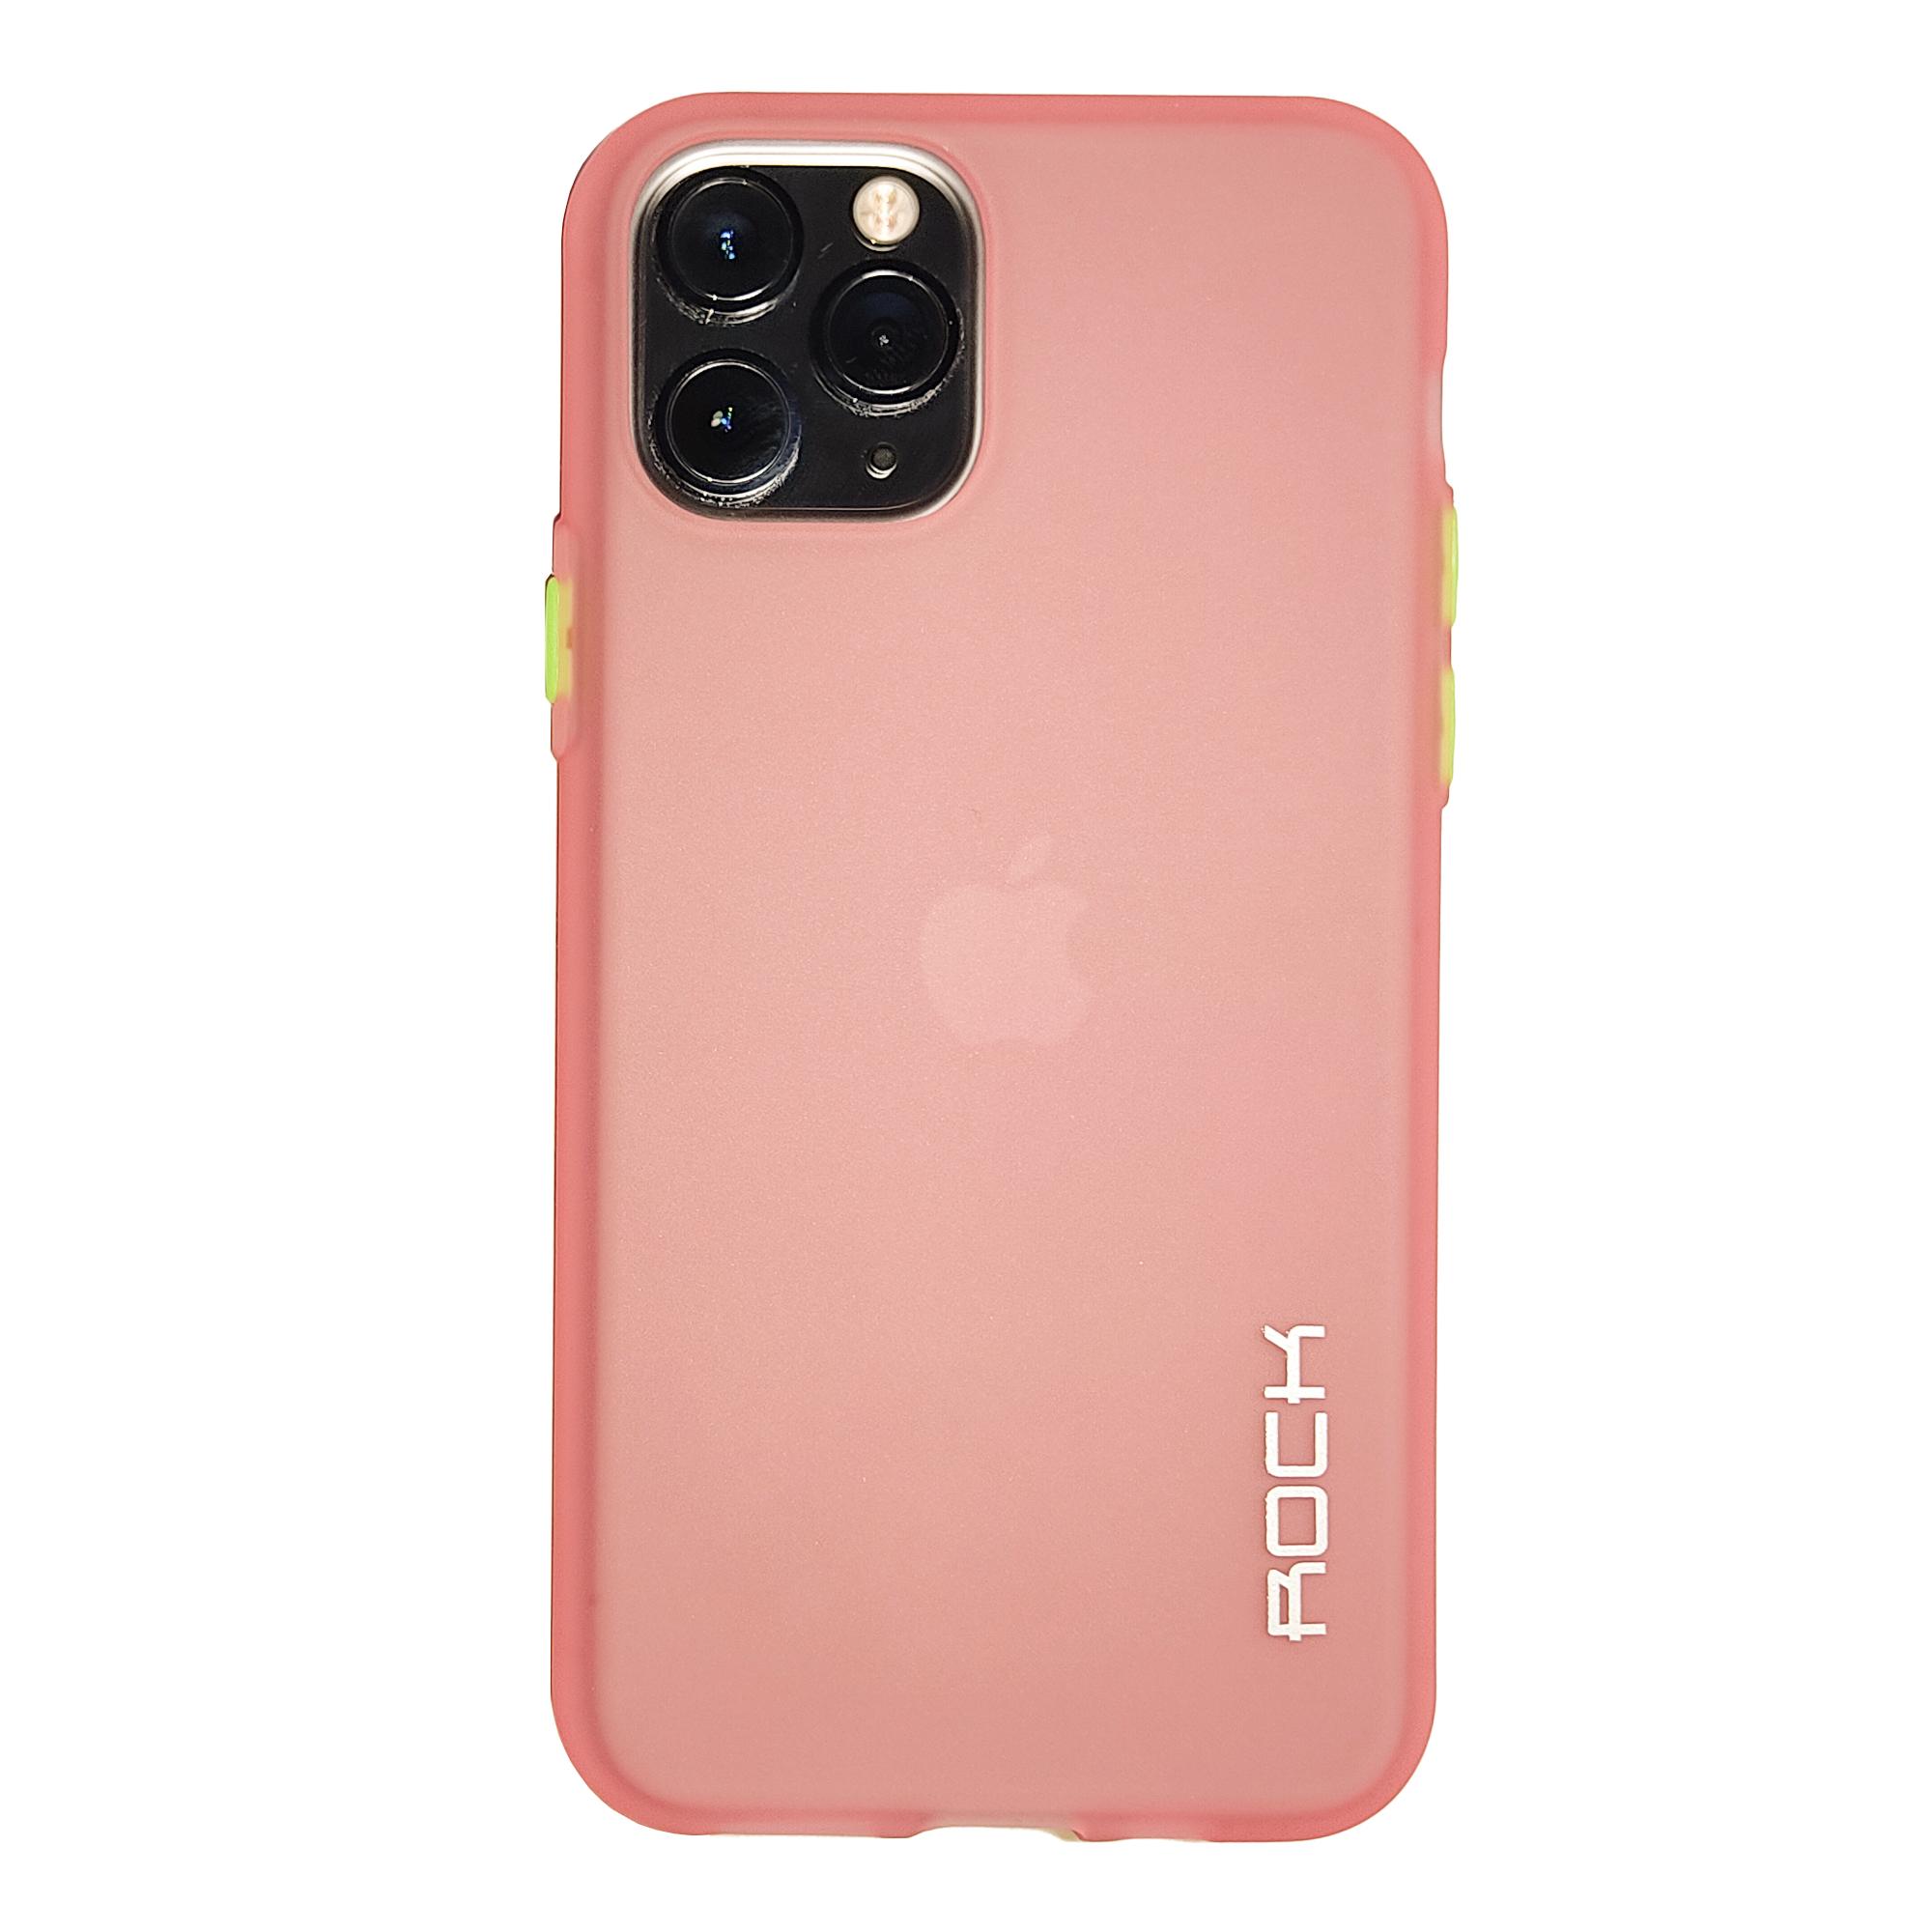 کاور راک مدل SPRT01 مناسب برای گوشی موبایل اپل iPhone 11 Pro thumb 2 1